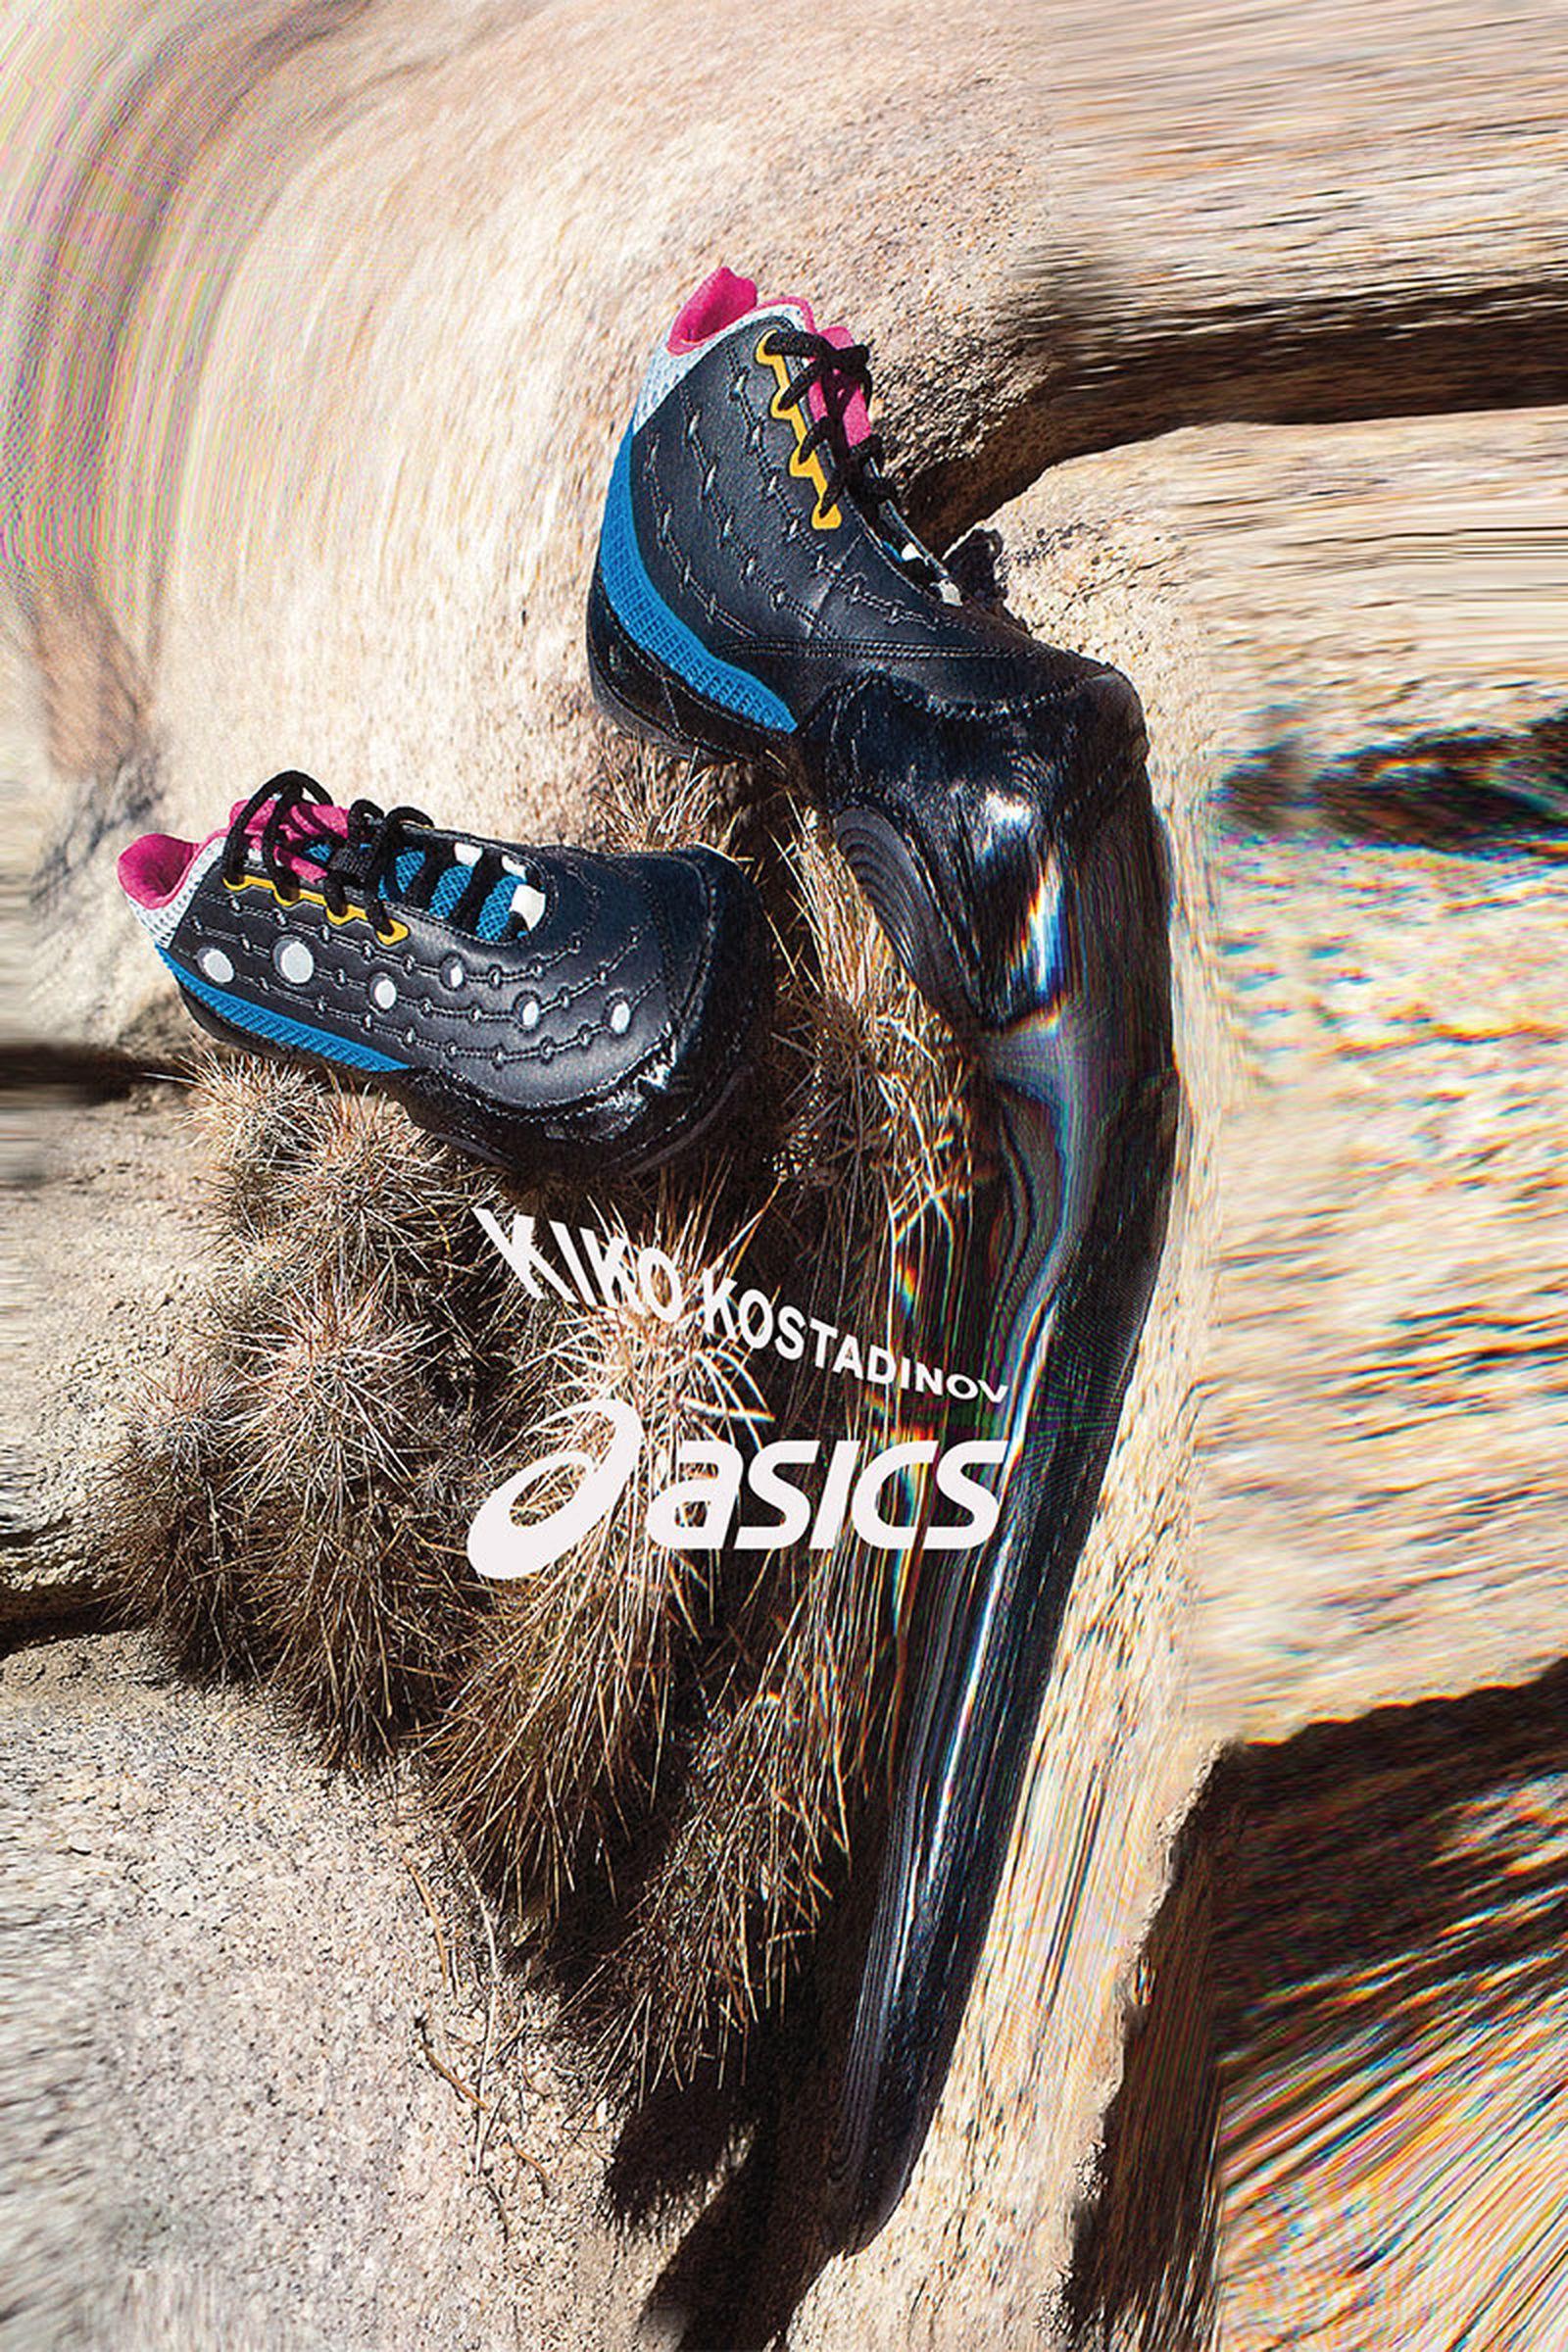 kiko kostadinov and asics gesserit 2 sneaker